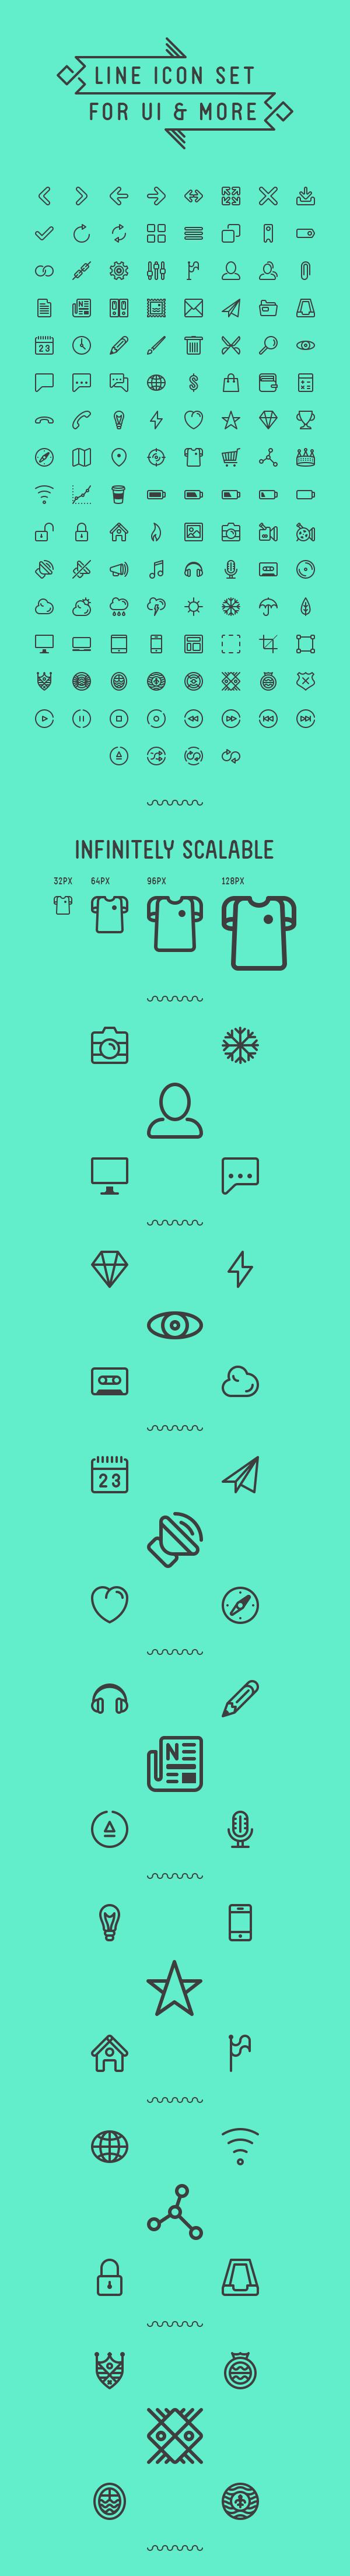 LineIcon Set UI (.Ai +.Psd) скачать бесплатно